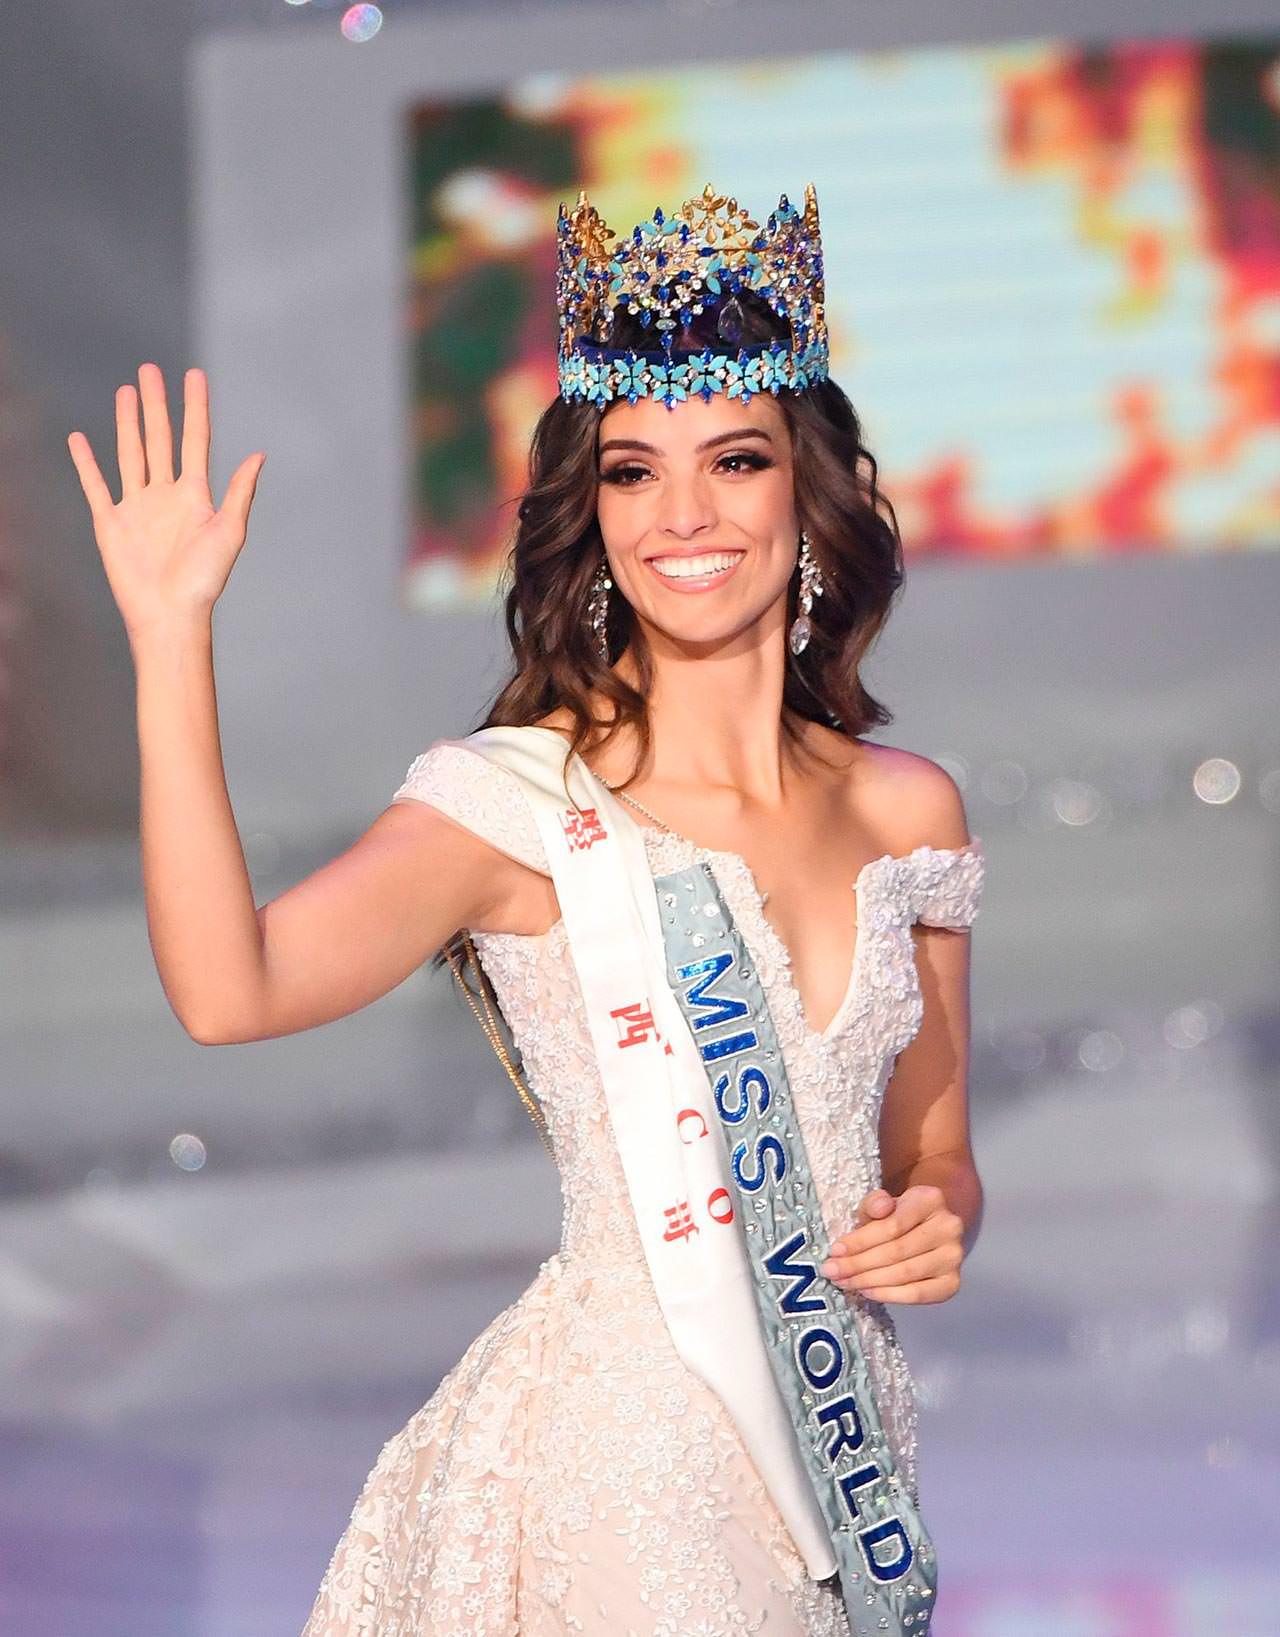 Фото | Мисс Мира 2018 года Ванесса Понсе